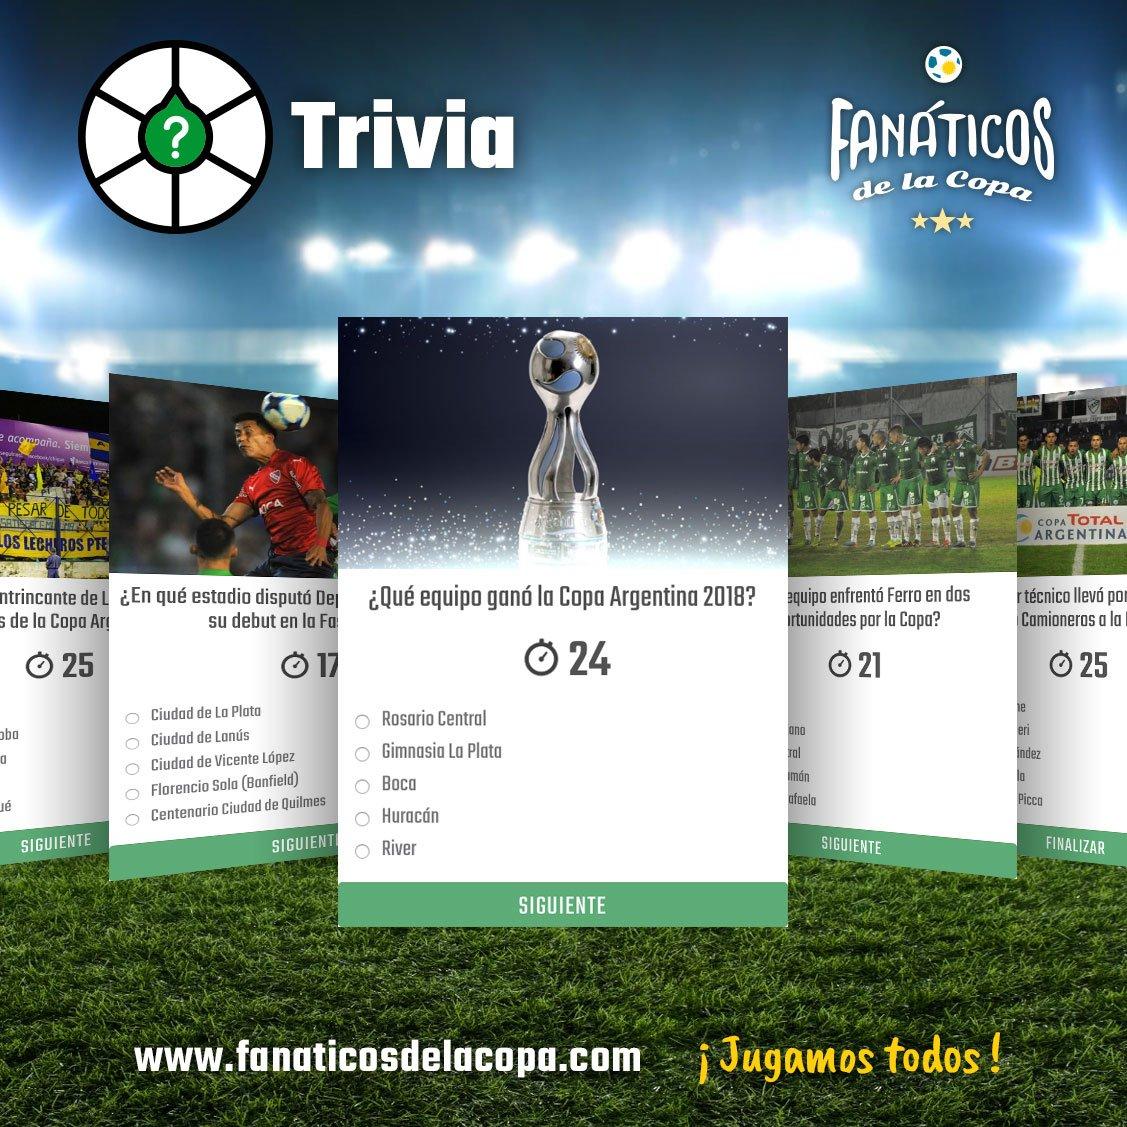 🤔⚽ Si creés que sabés de fútbol, la #Trivia de #FanáticosdelaCopa es tu lugar.  😎🏆 ¿Y si además de jugar, podés sumar puntos y canjear beneficios? ¡Mejor imposible! 🎉  💻 http://www.fanaticosdelacopa.com.  #JugamosTodos